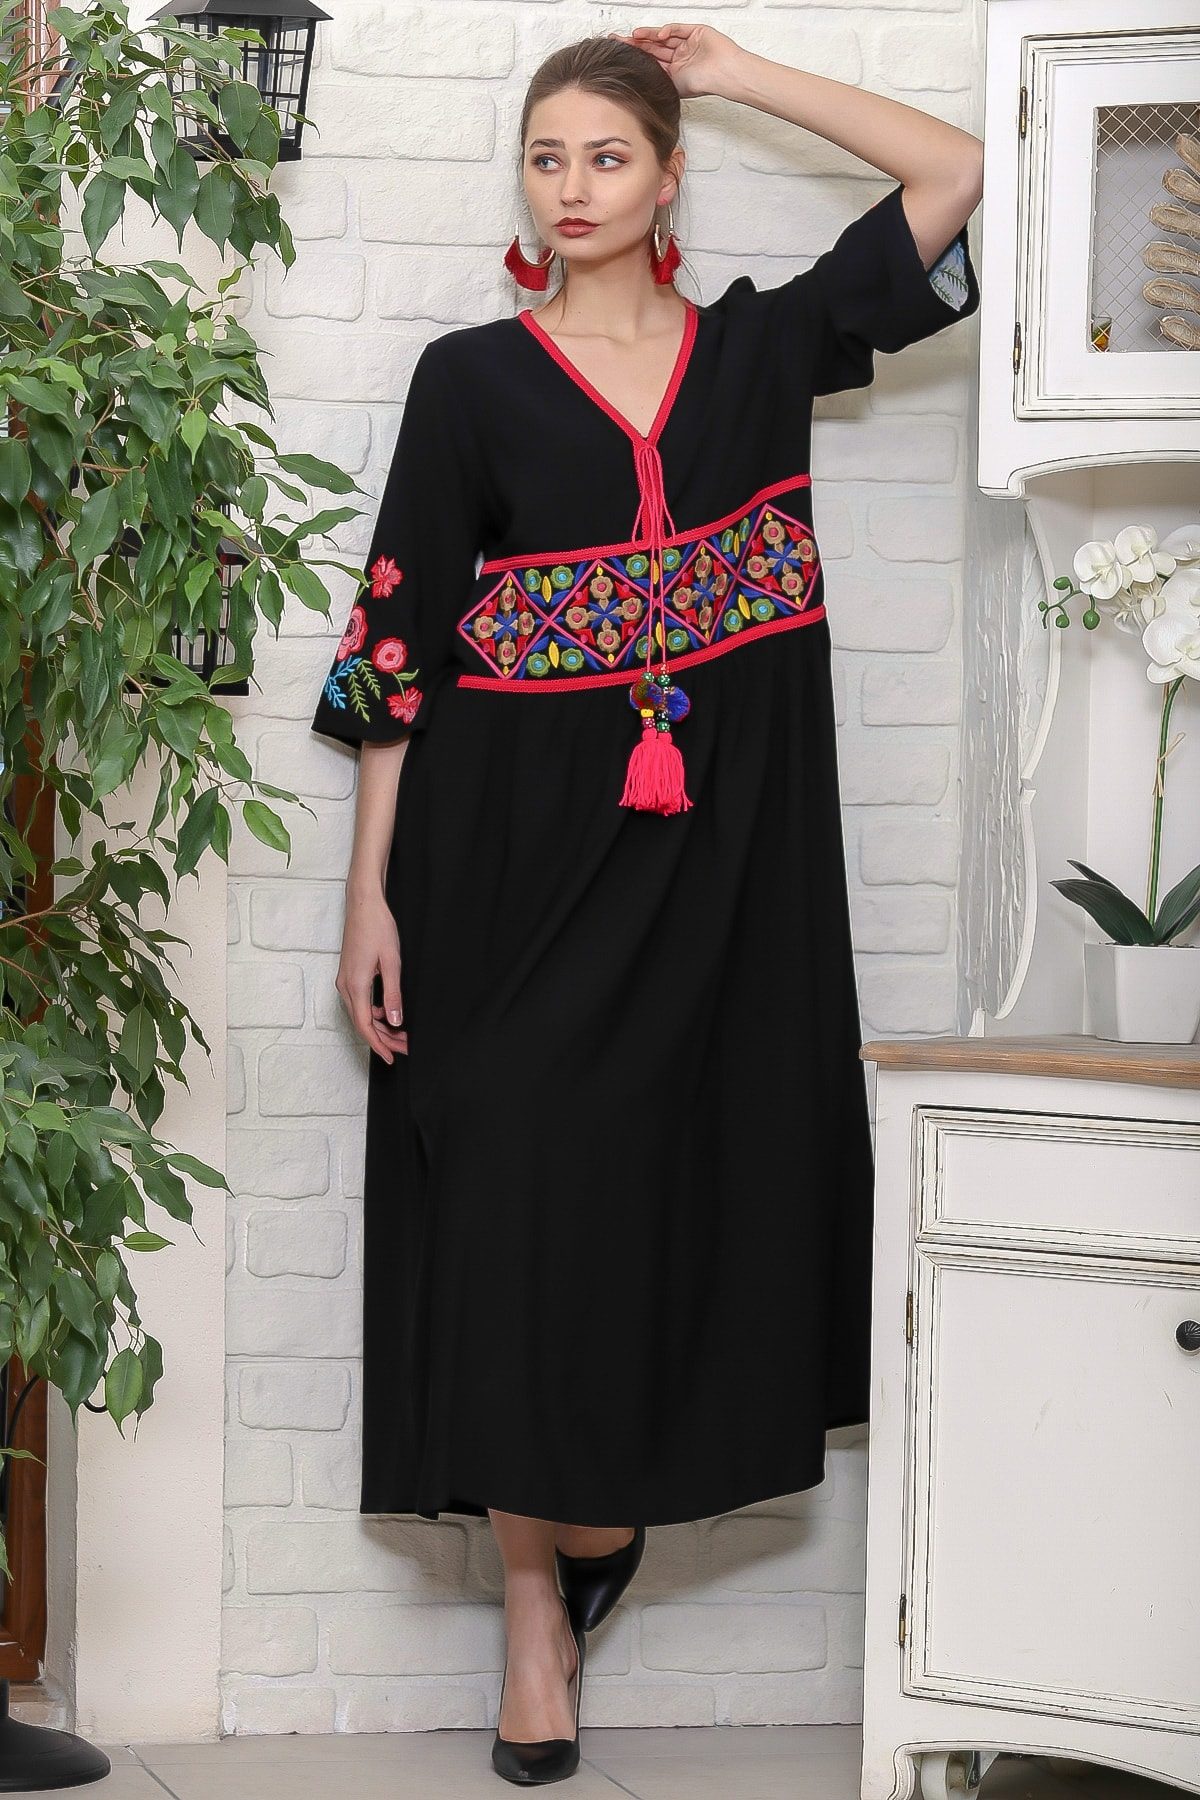 Chiccy Kadın Siyah Beli Ve Kolları Nakışlı Ponponlu Bağcıklı Salaş Dokuma Elbise M10160000EL95920 0